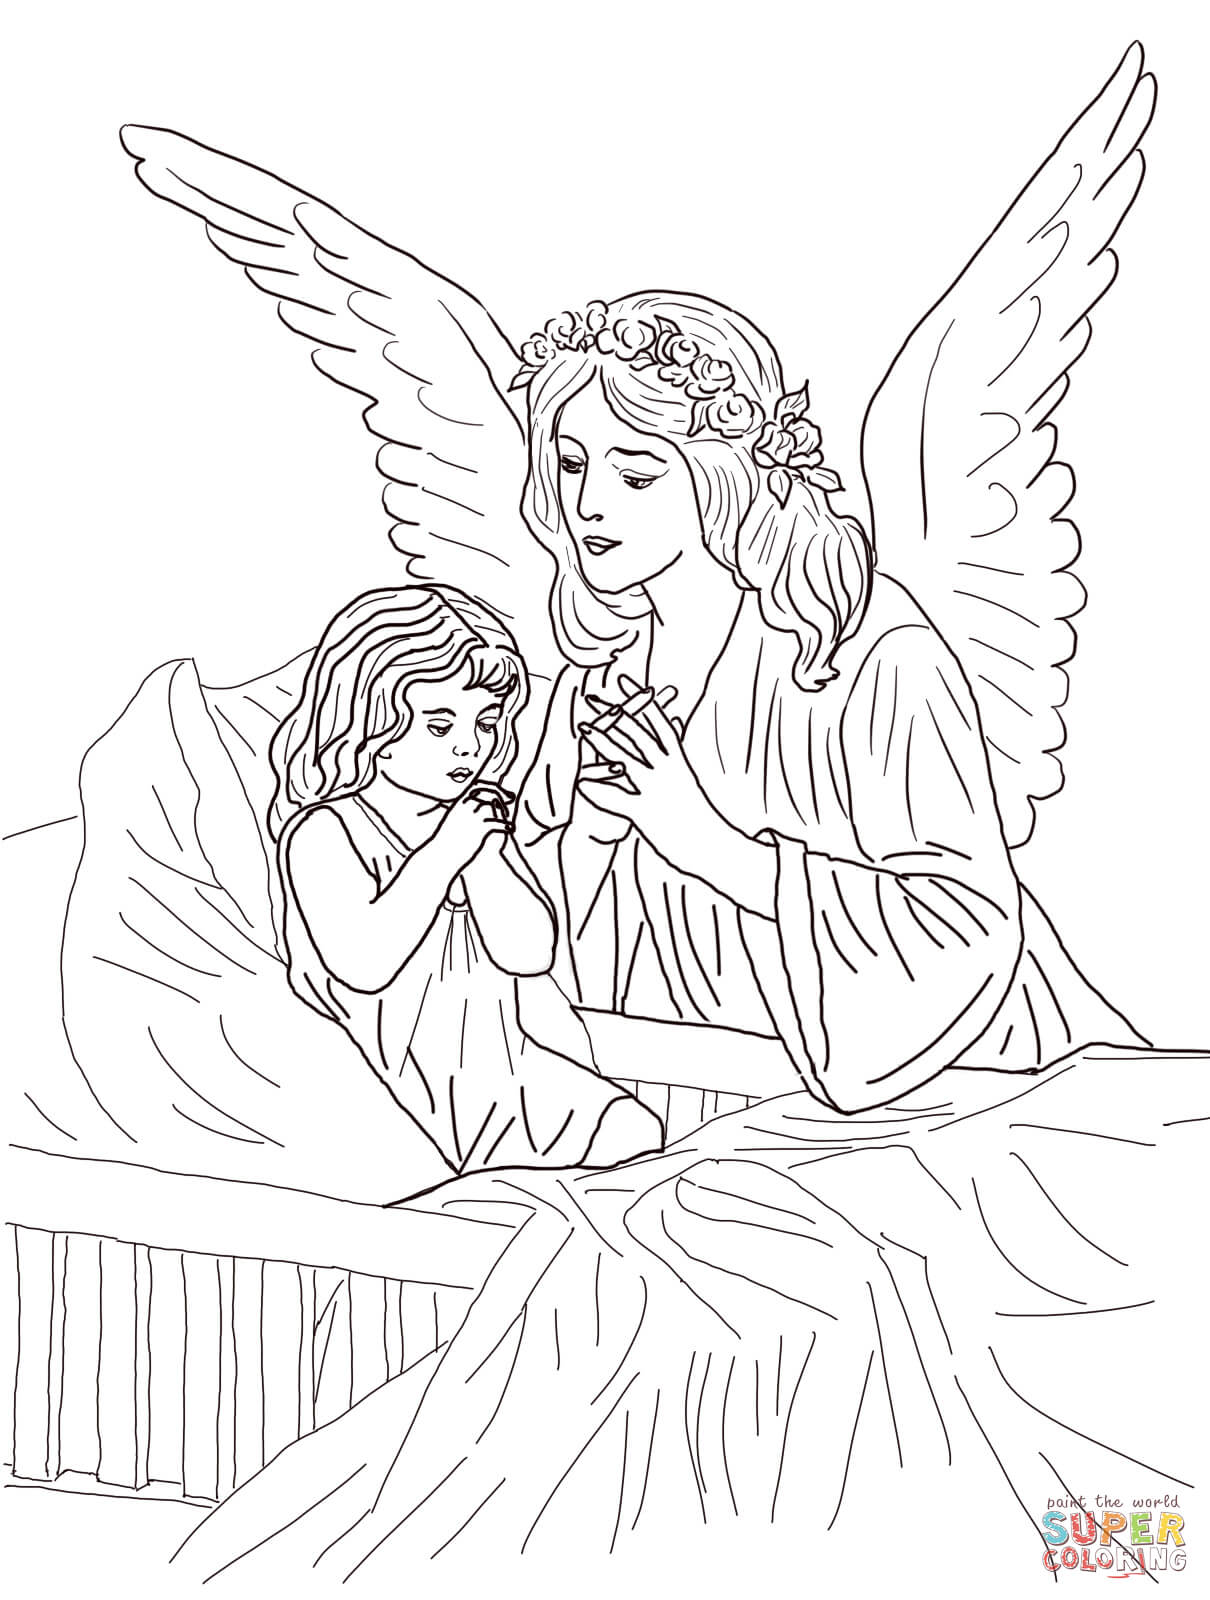 homme agenouillé en prière ange moroni ange ailes d anges design d